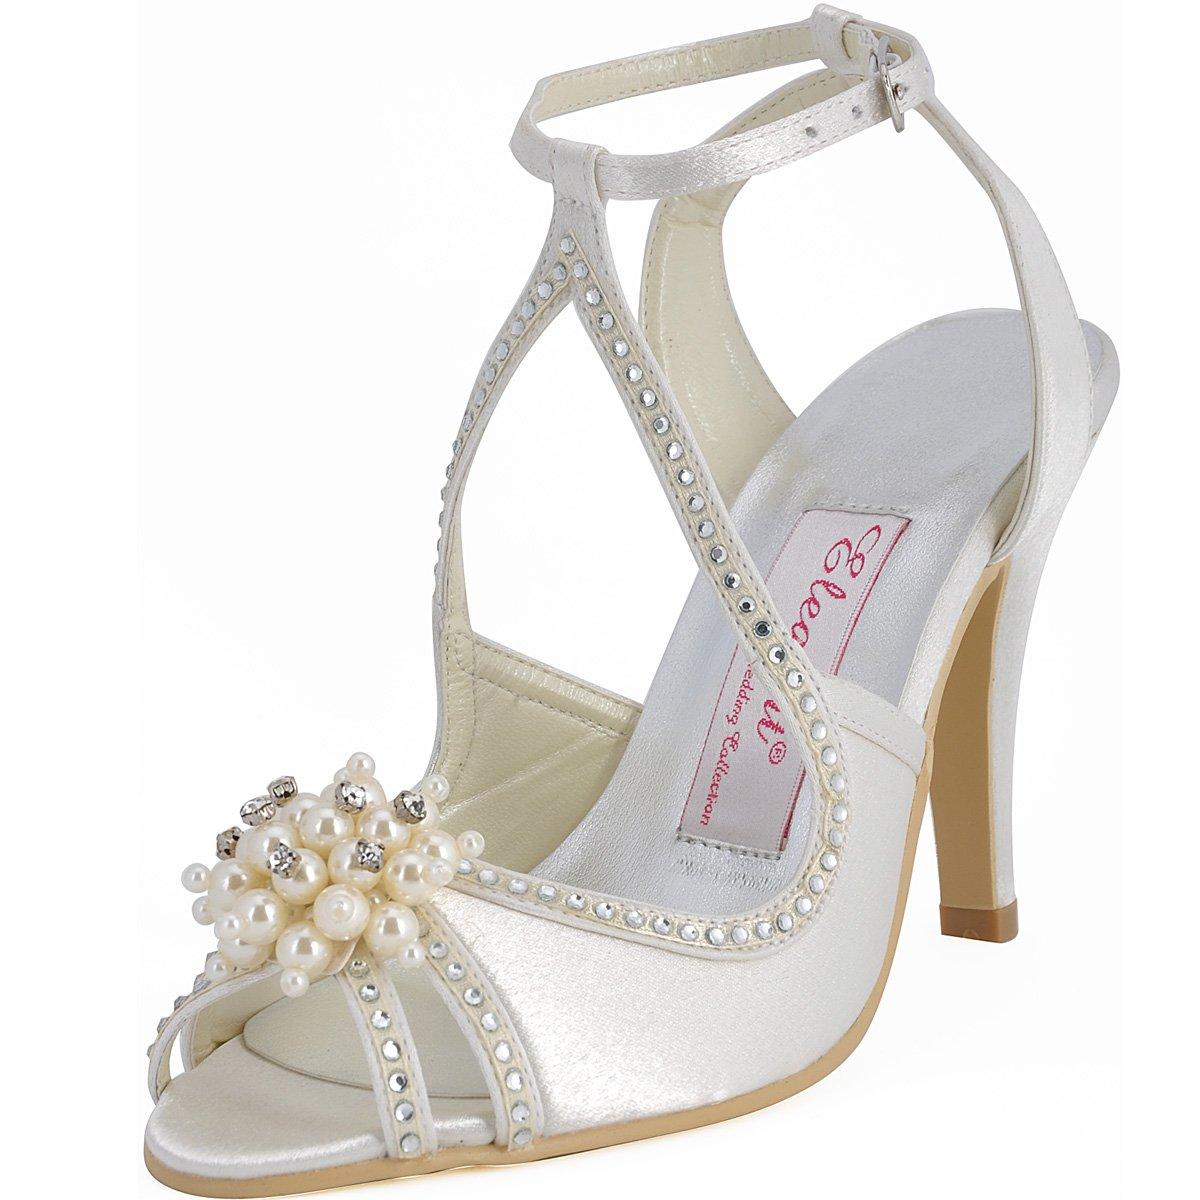 Elegantpark EP11058 Sandales Bout Ouvert B076MVKP9Z Satin Femme Perle Strass Aiguille Talon Pumps Femme Sandales Chaussures de Mariage Ivoire c7e63d5 - epictionpvp.space